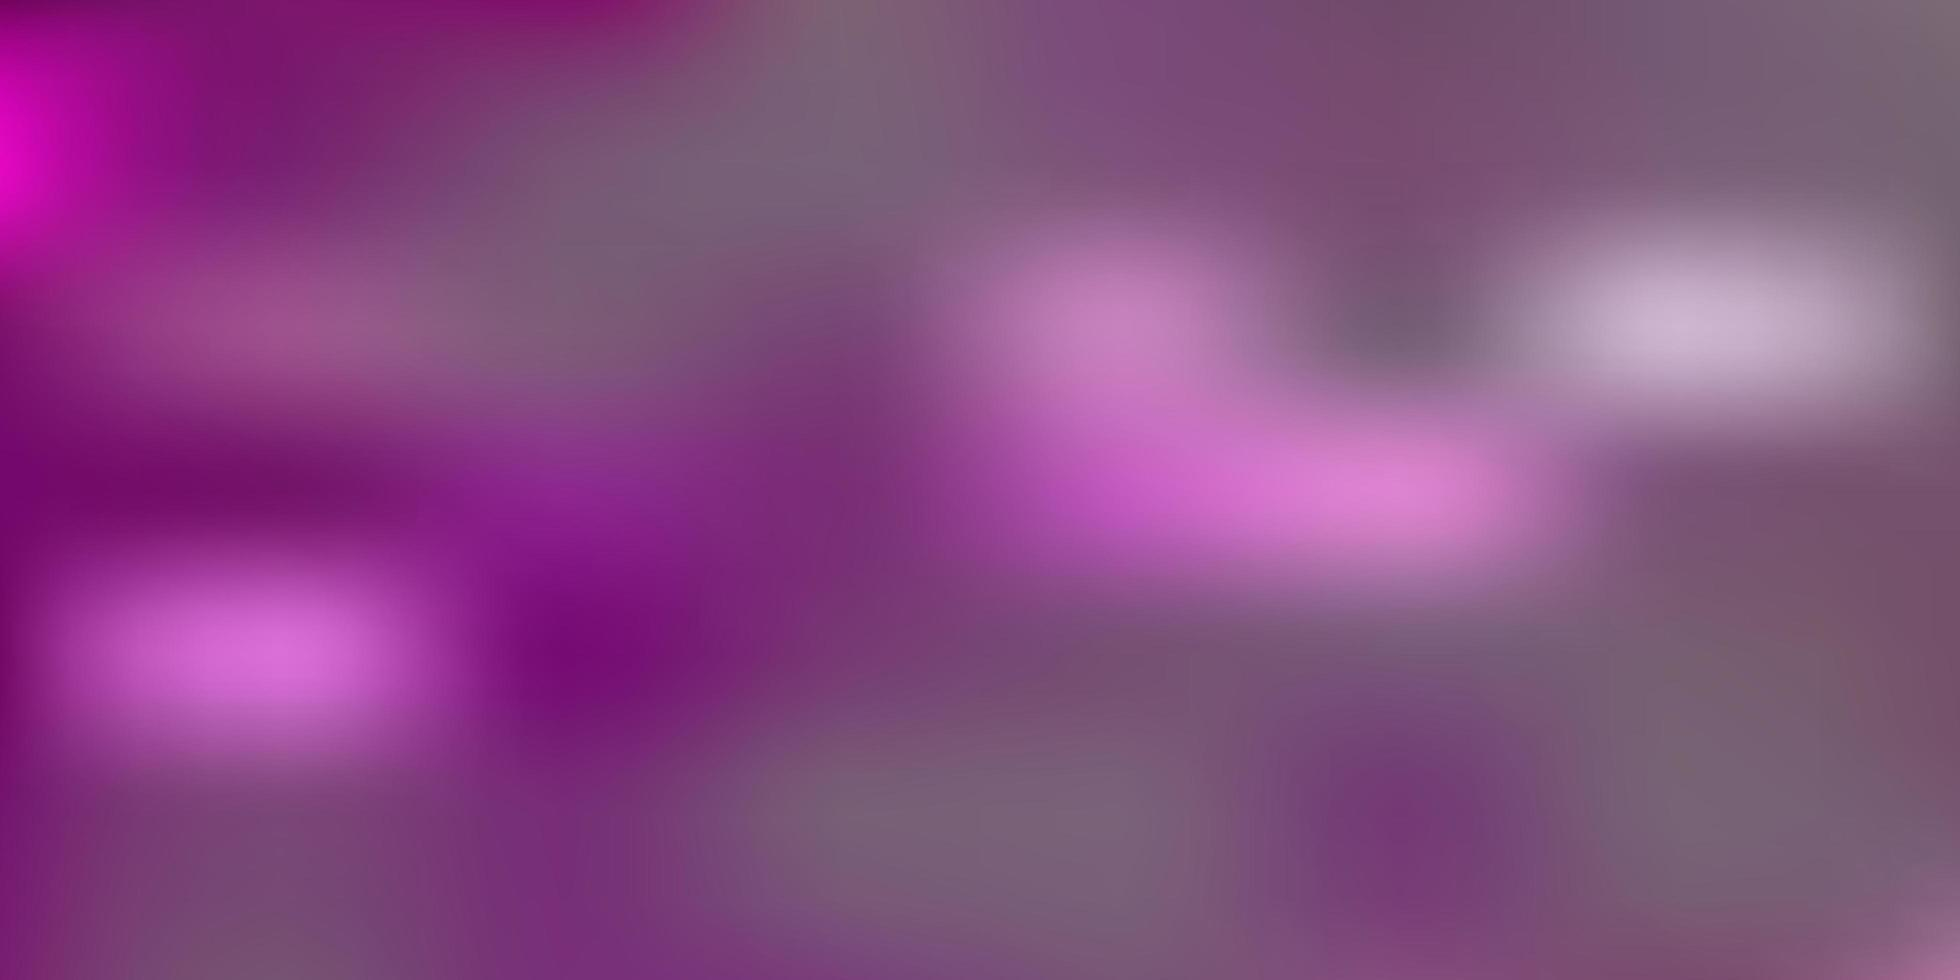 layout di sfocatura vettoriale rosa chiaro, giallo.